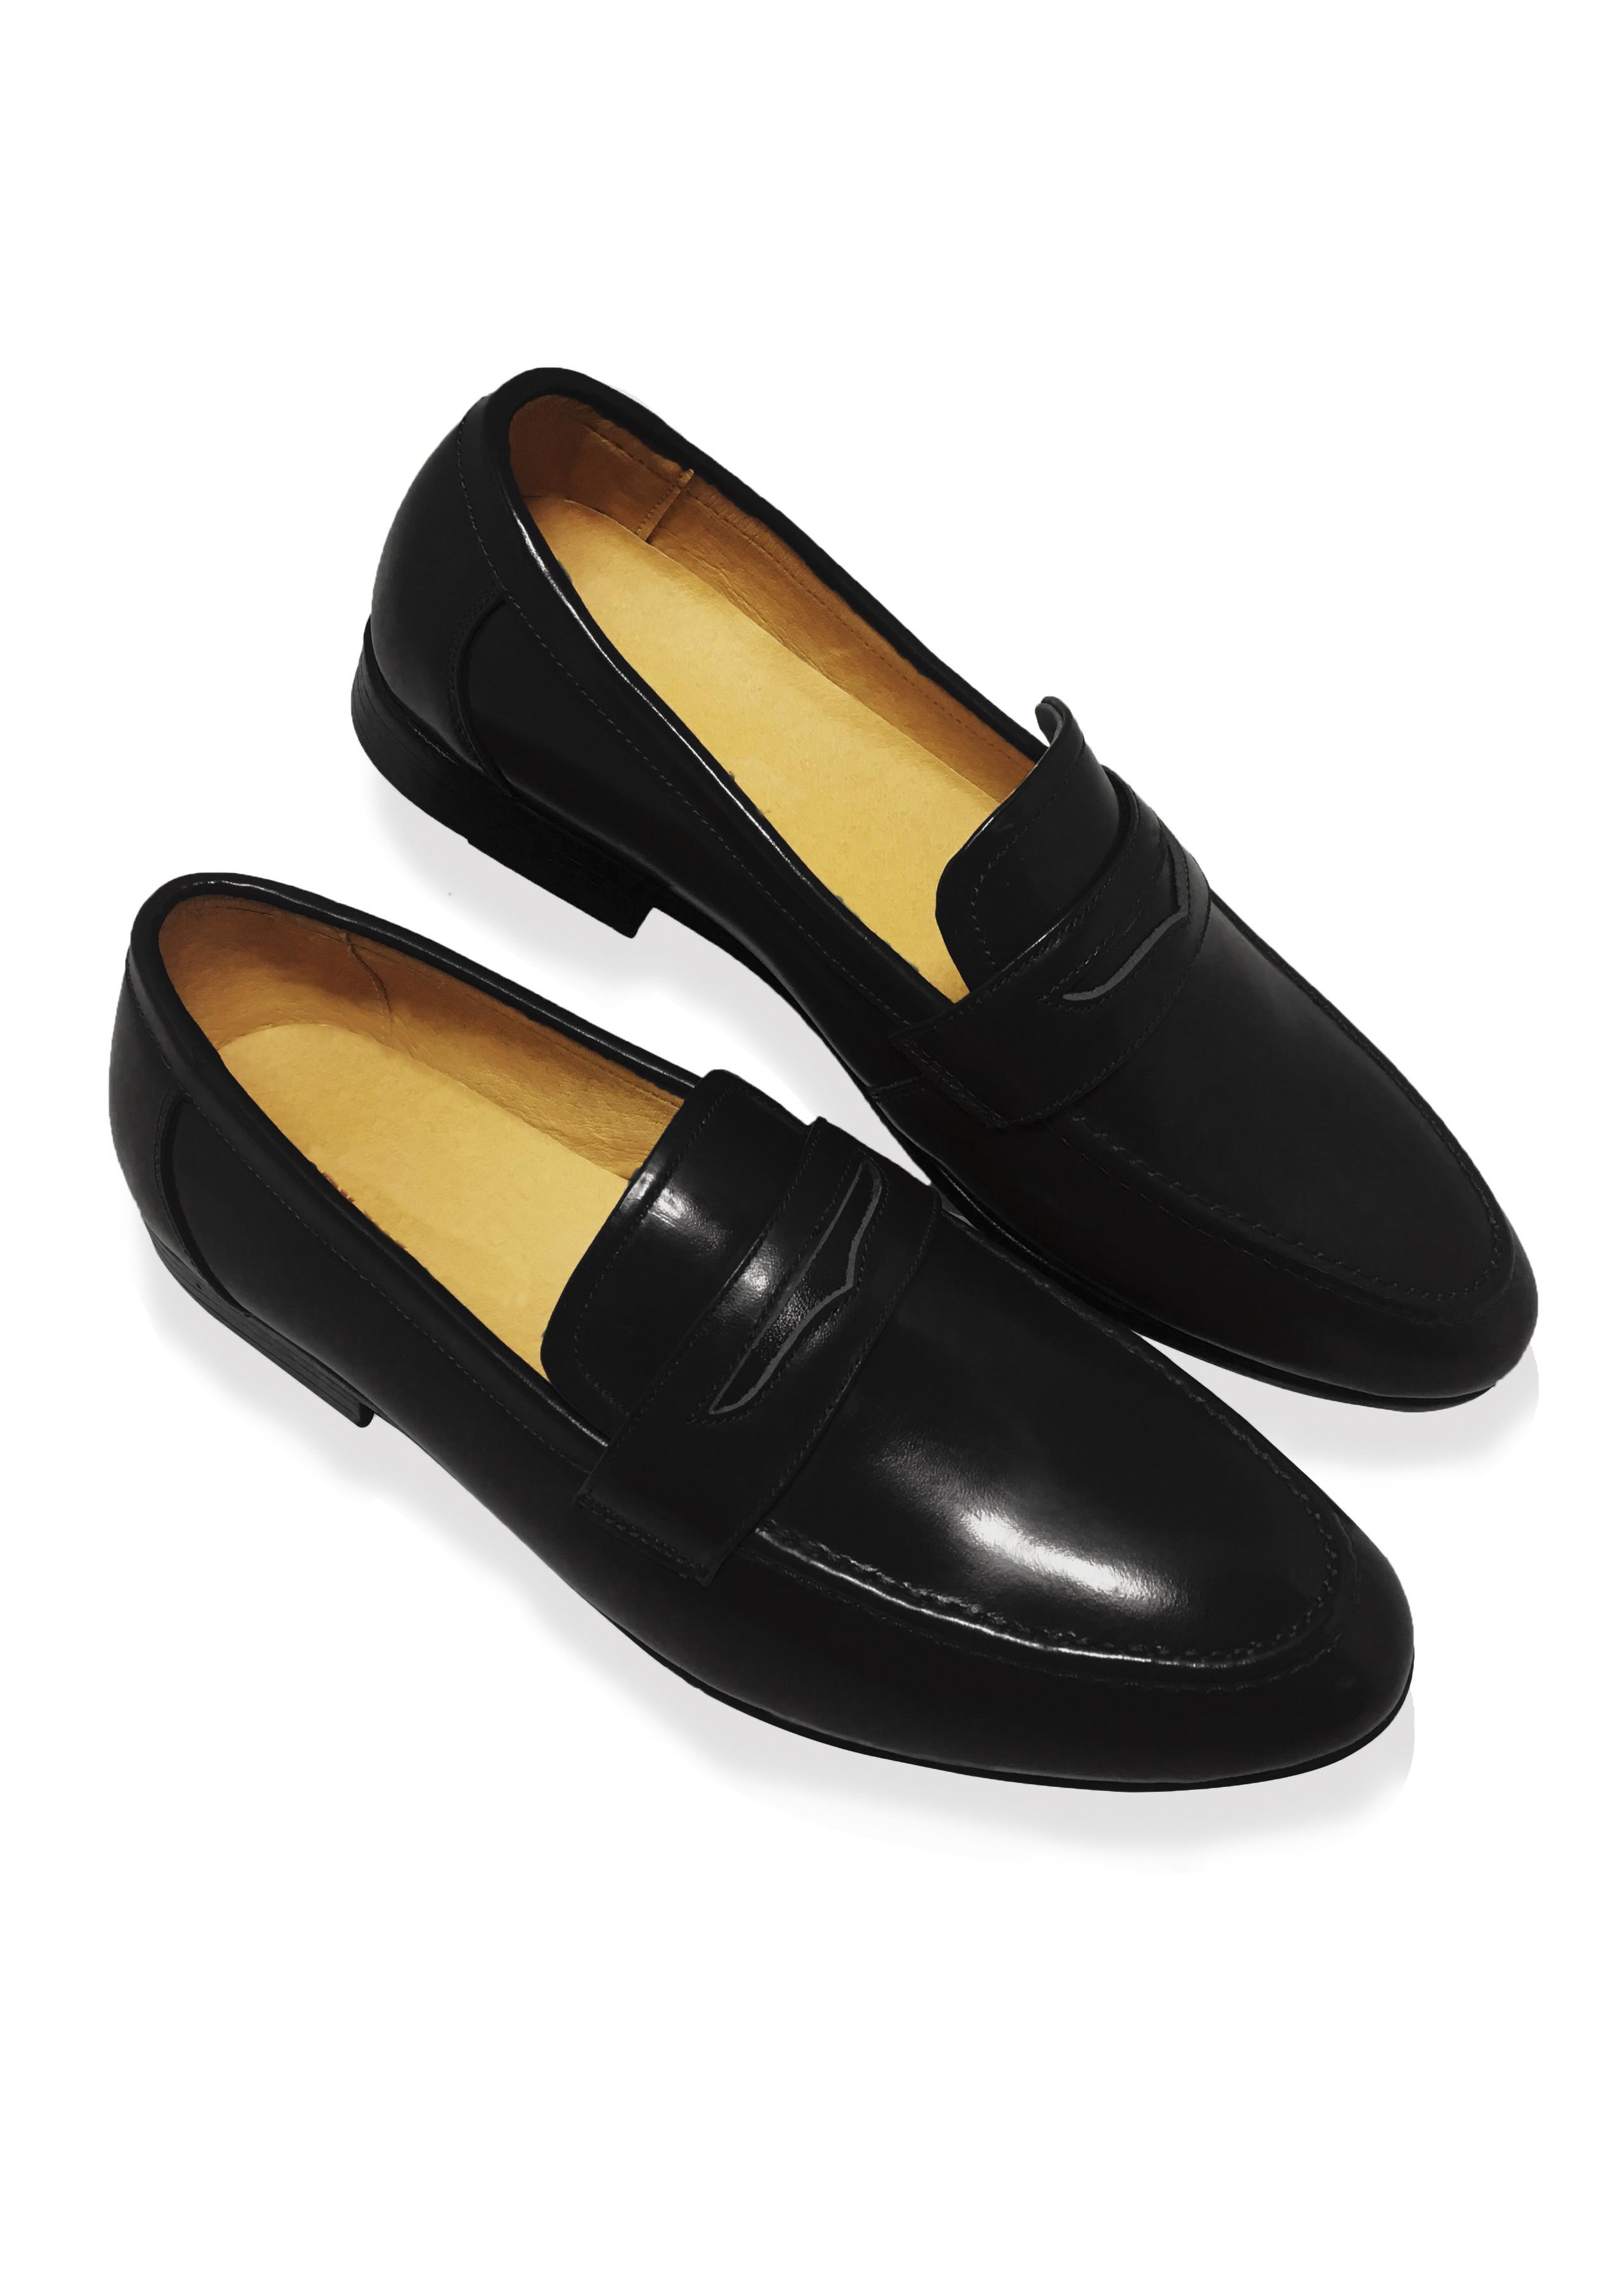 Giày Da Nam Cao Cấp Phong Cách Trẻ Trung Năng Động Lịch lãm, Giày Tây Nam HS36